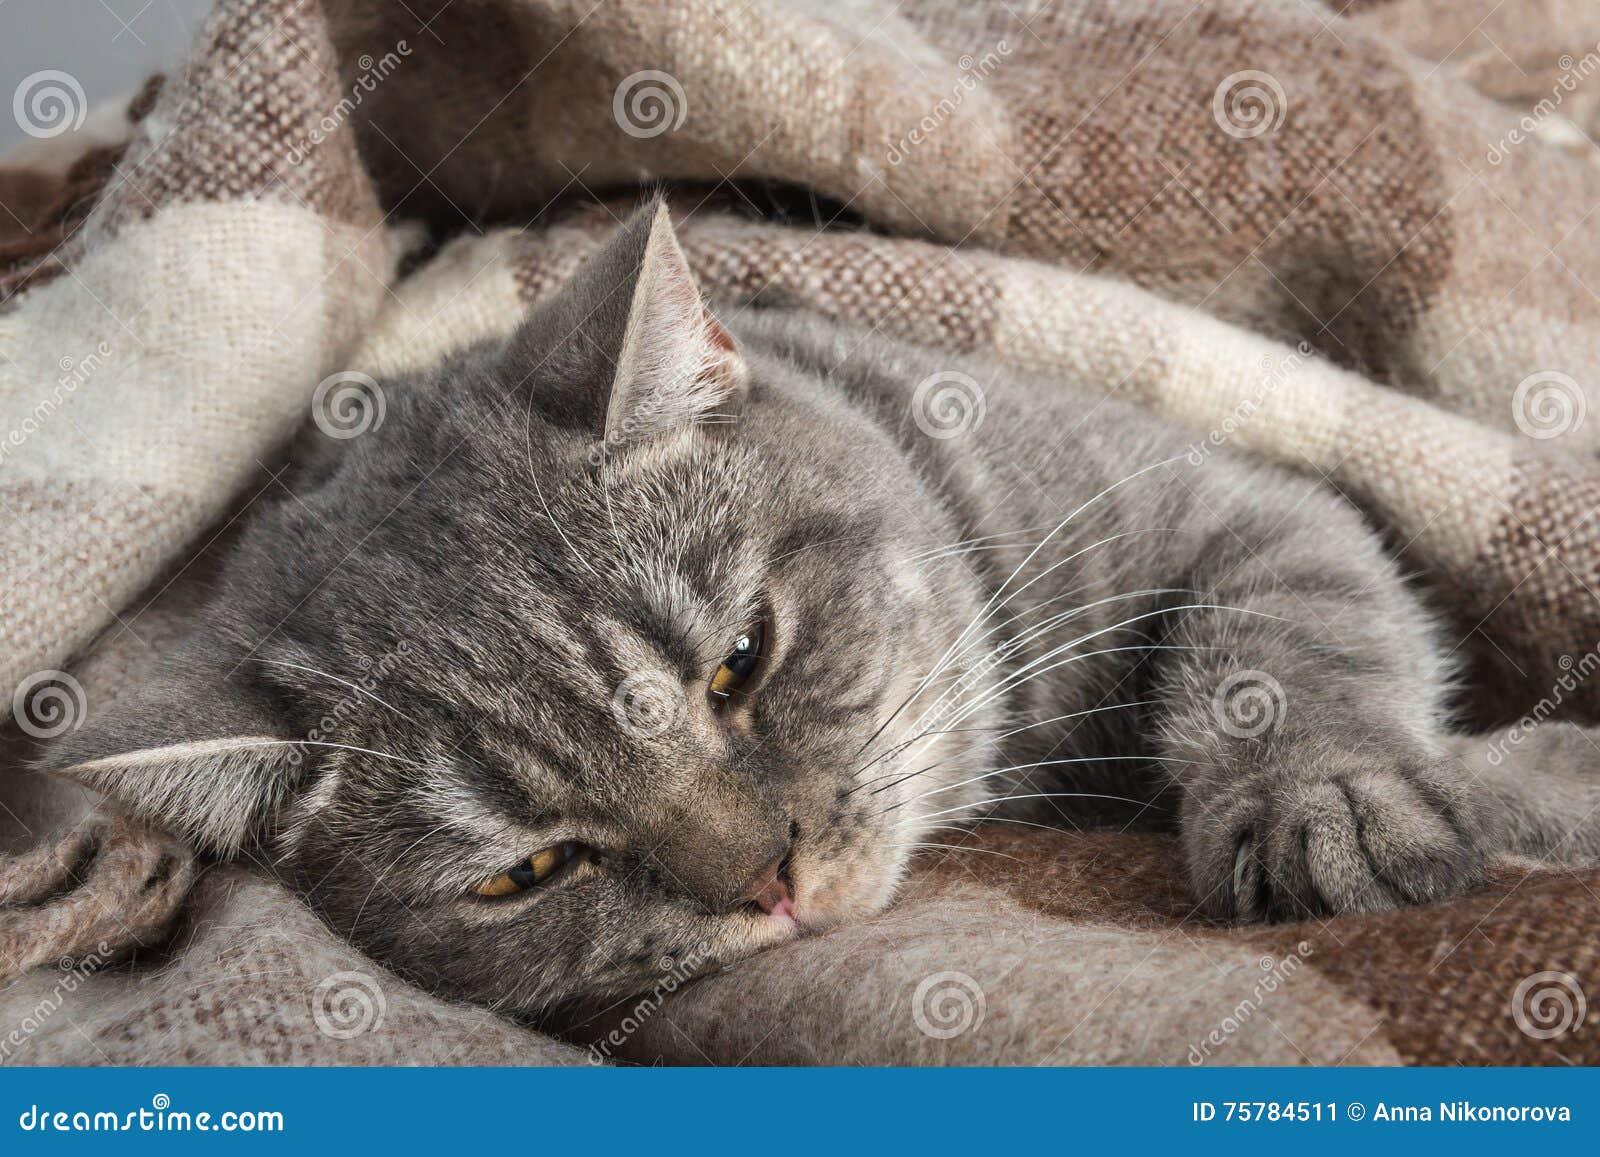 Lovely fluffy cat sleeps in plaid